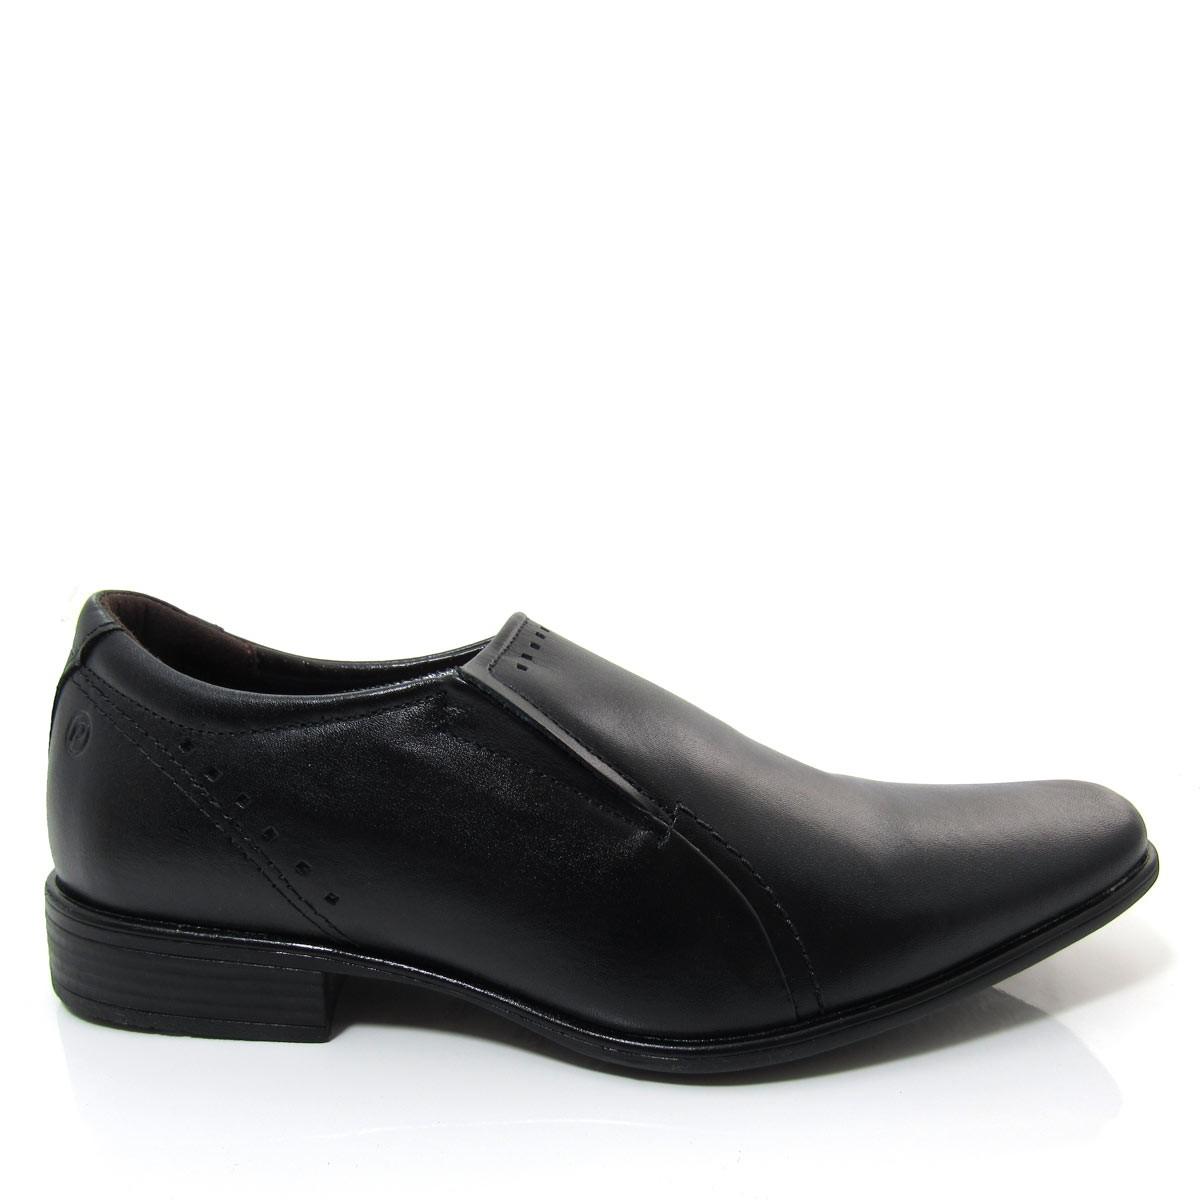 bc4d14adc Sapato Social Masculino Pegada 22060 sem Cadarço em Couro Coleção 2018